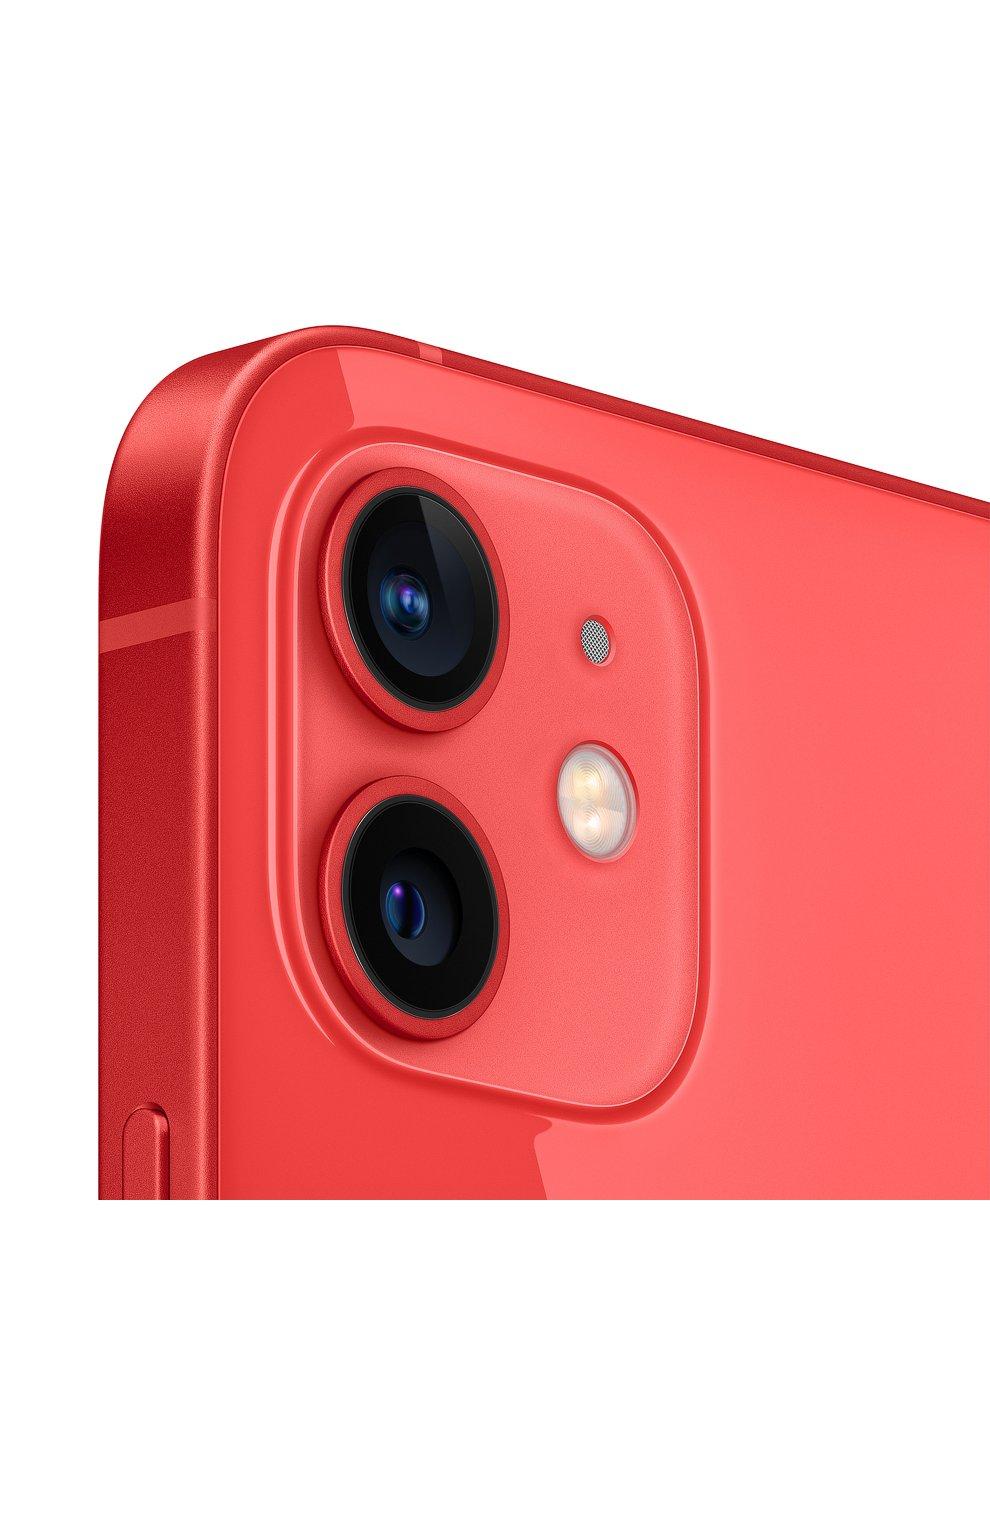 Мужские iphone 12 128gb (product)red APPLE  (product)red цвета, арт. MGJD3RU/A | Фото 3